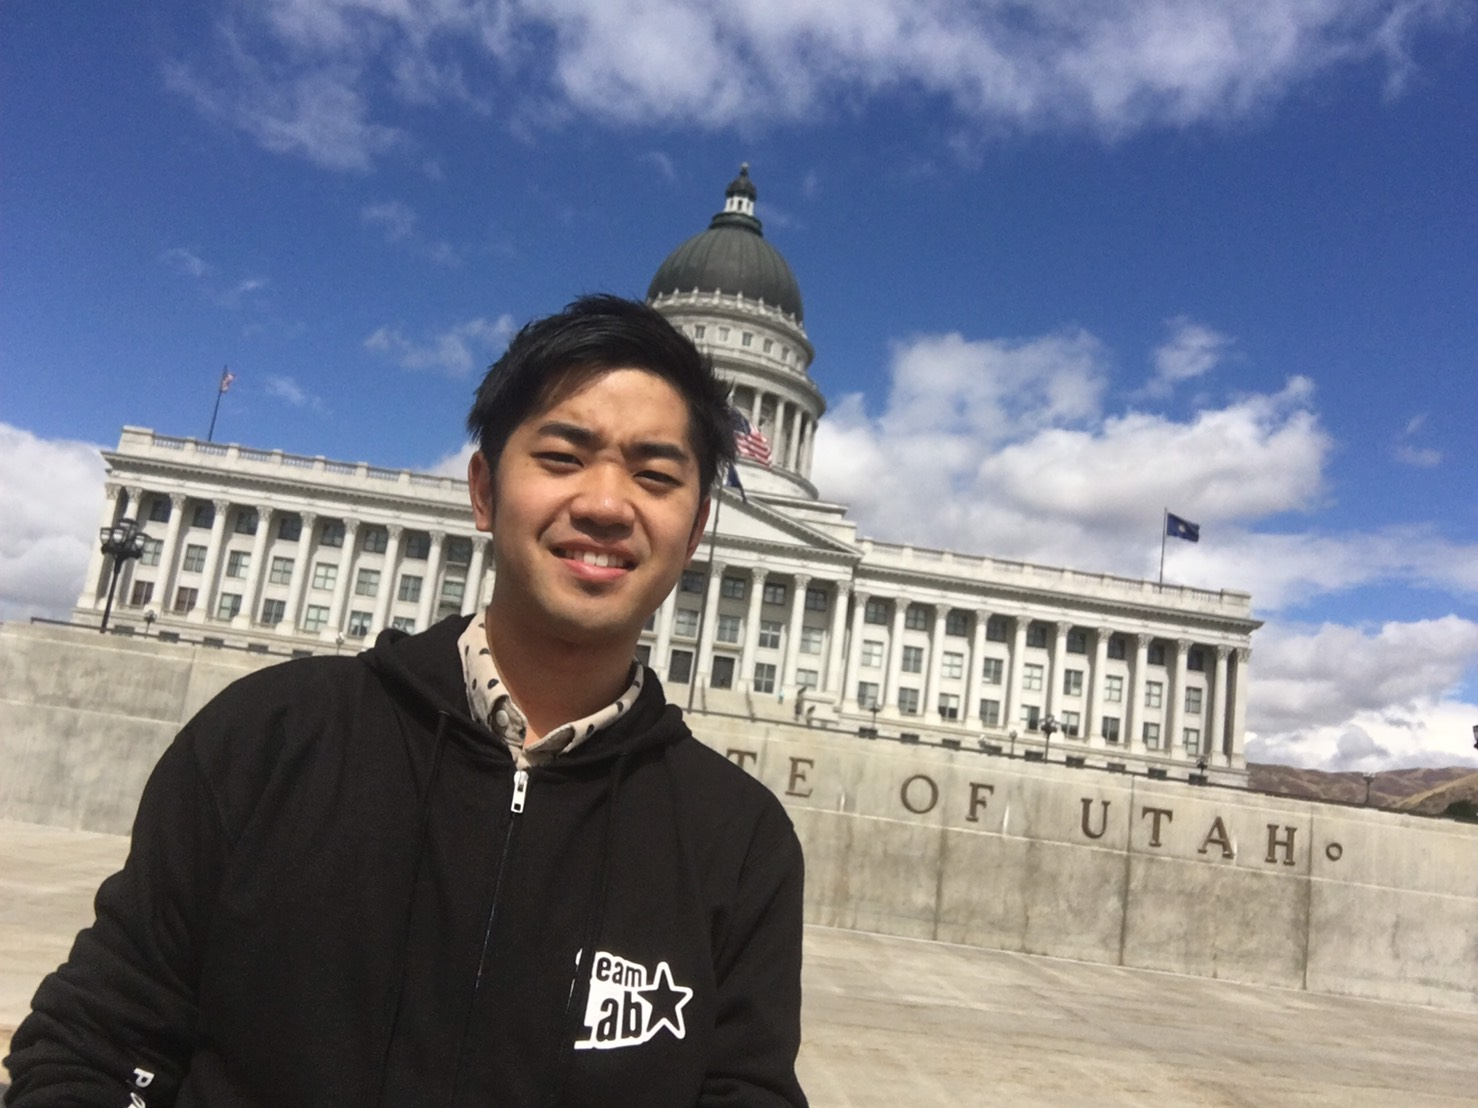 (後ろに写っているのはユタ州の議事堂です)